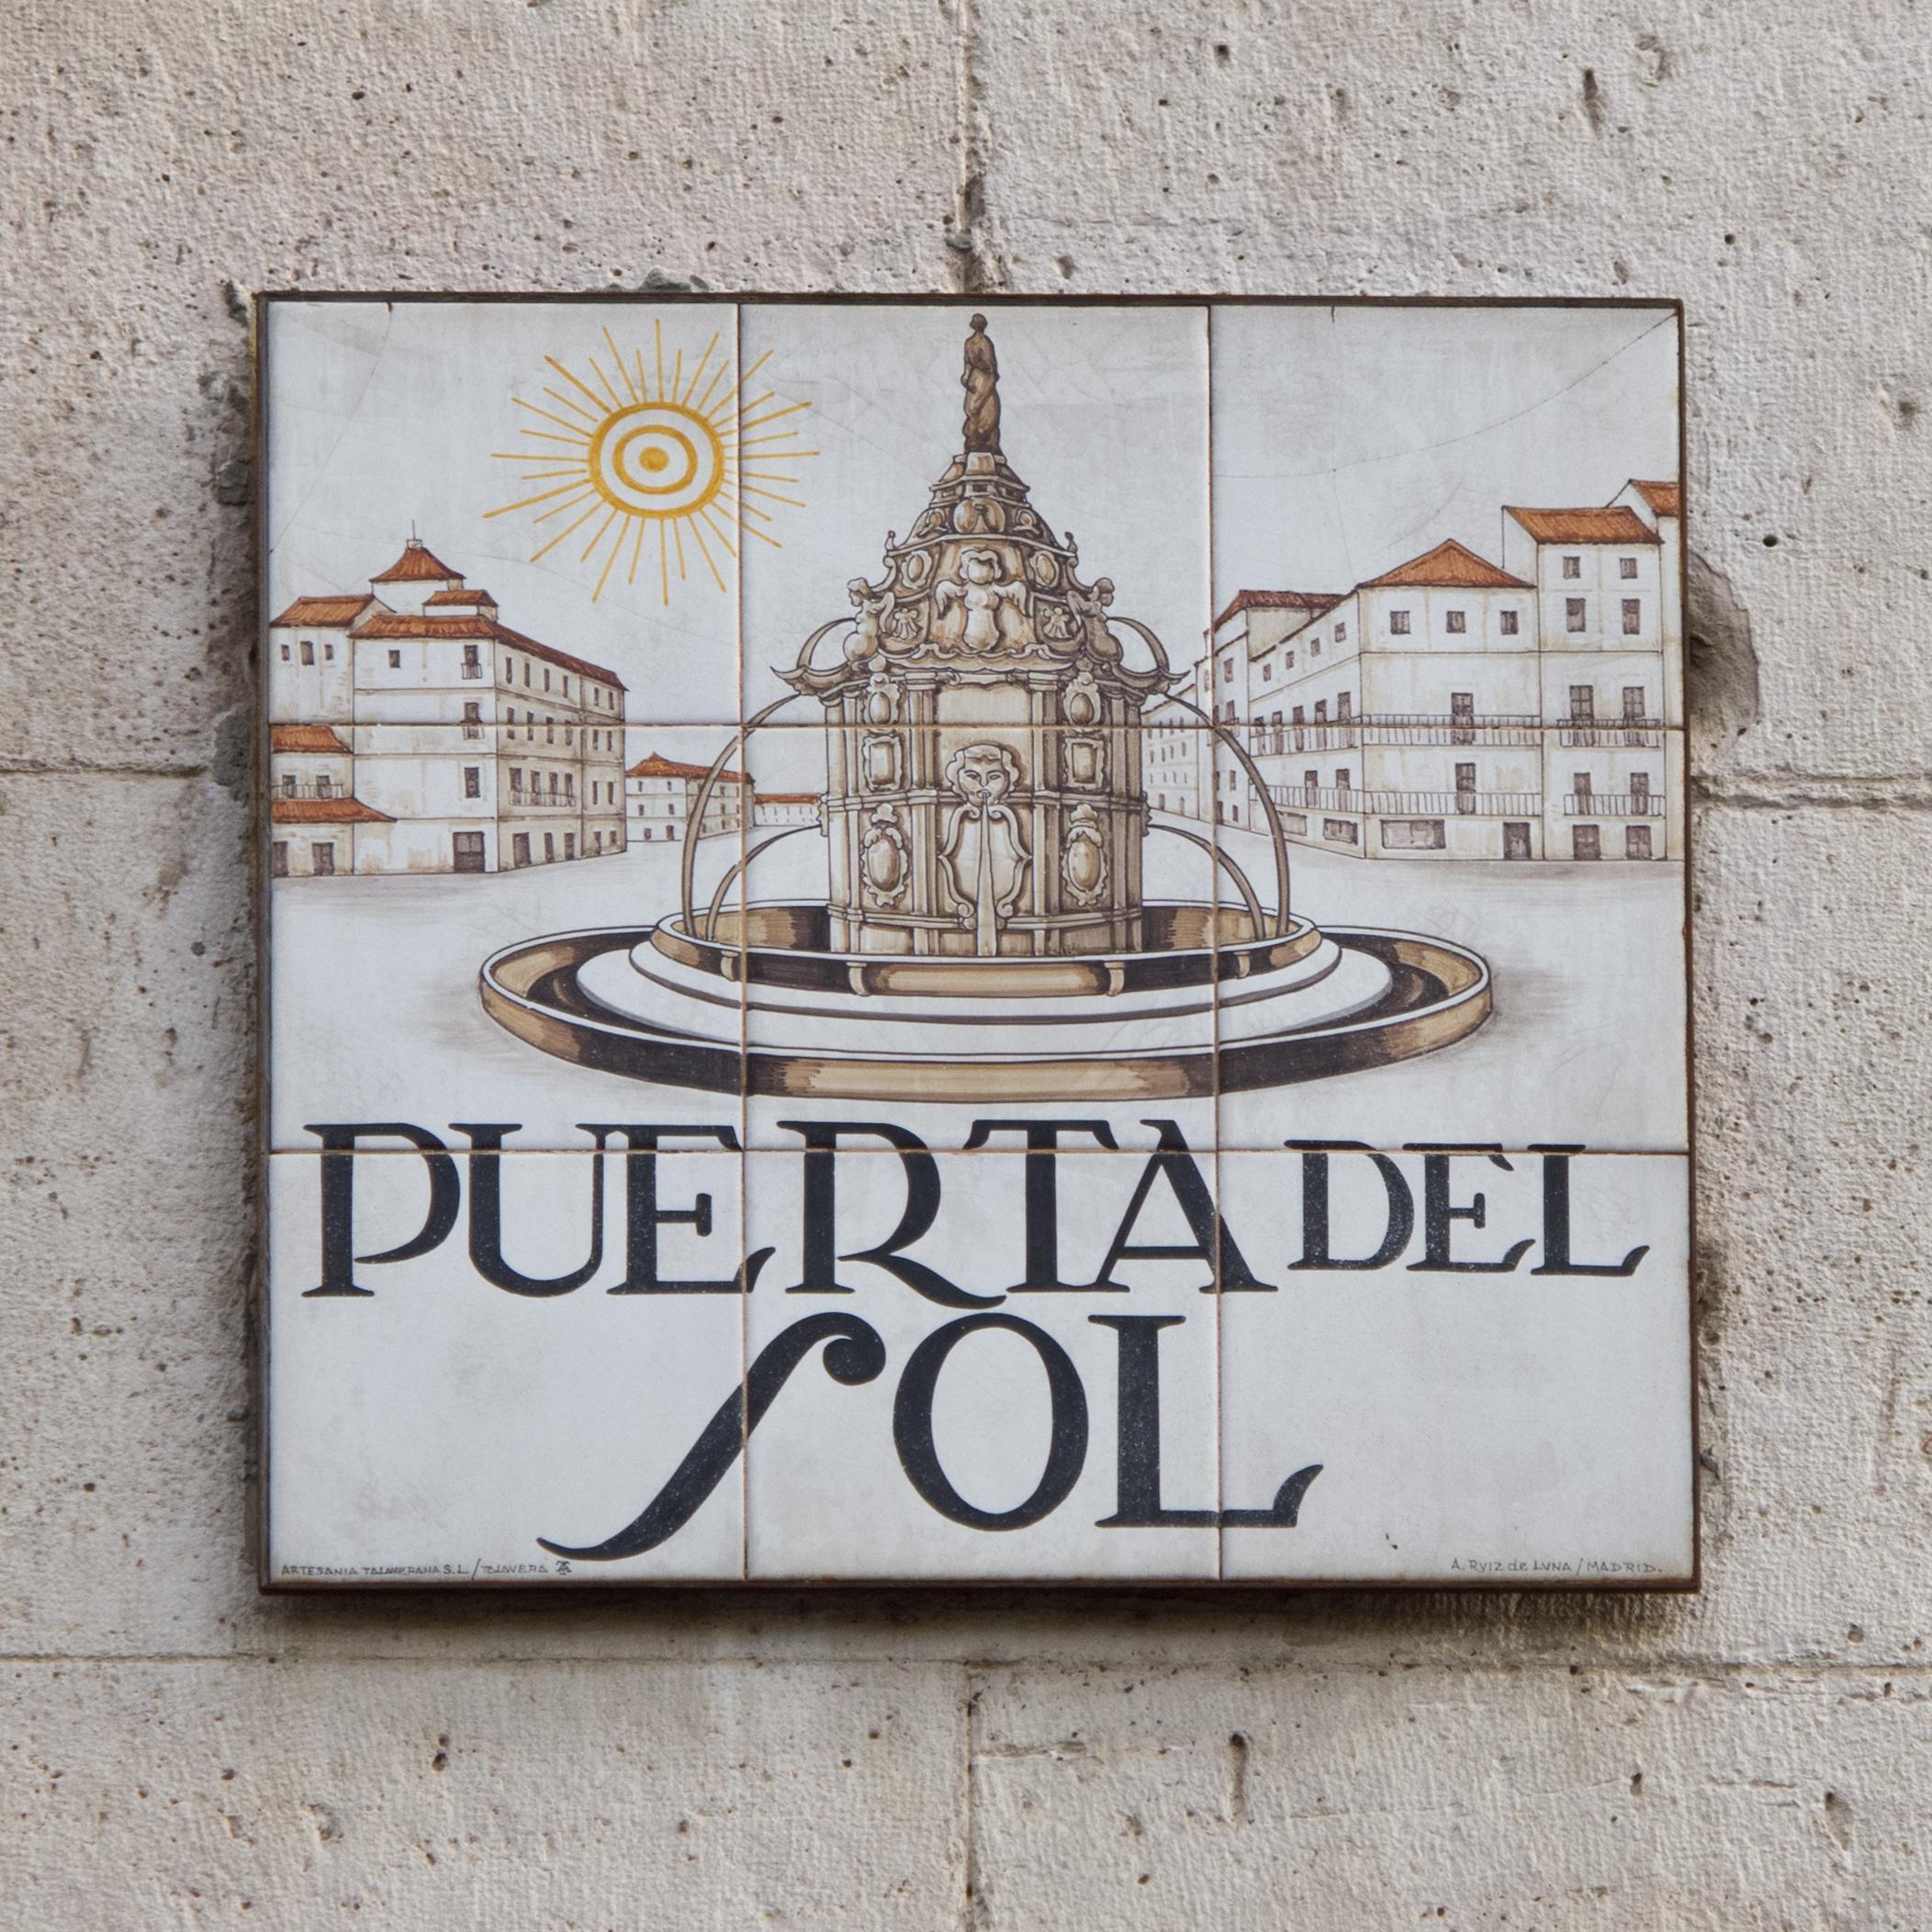 Puerta del sol for Placa km 0 puerta sol